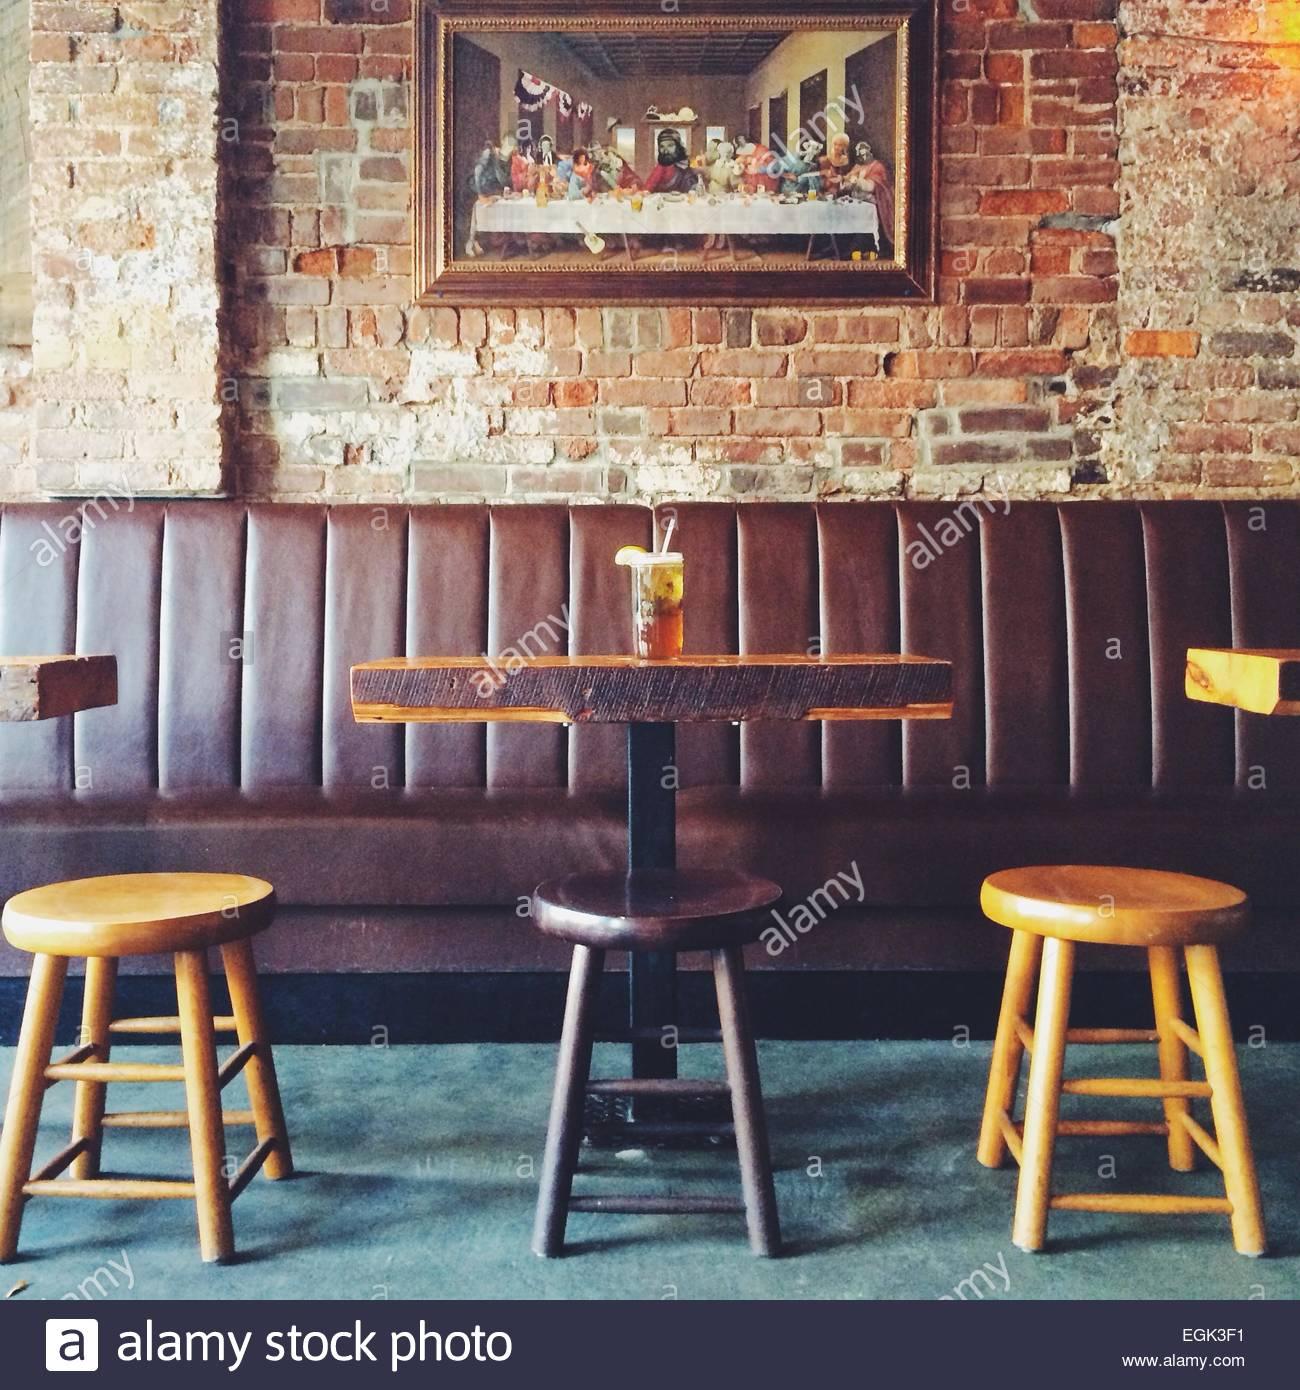 Pub tavolini e sgabelli con l'Ultima Cena in background Immagini Stock